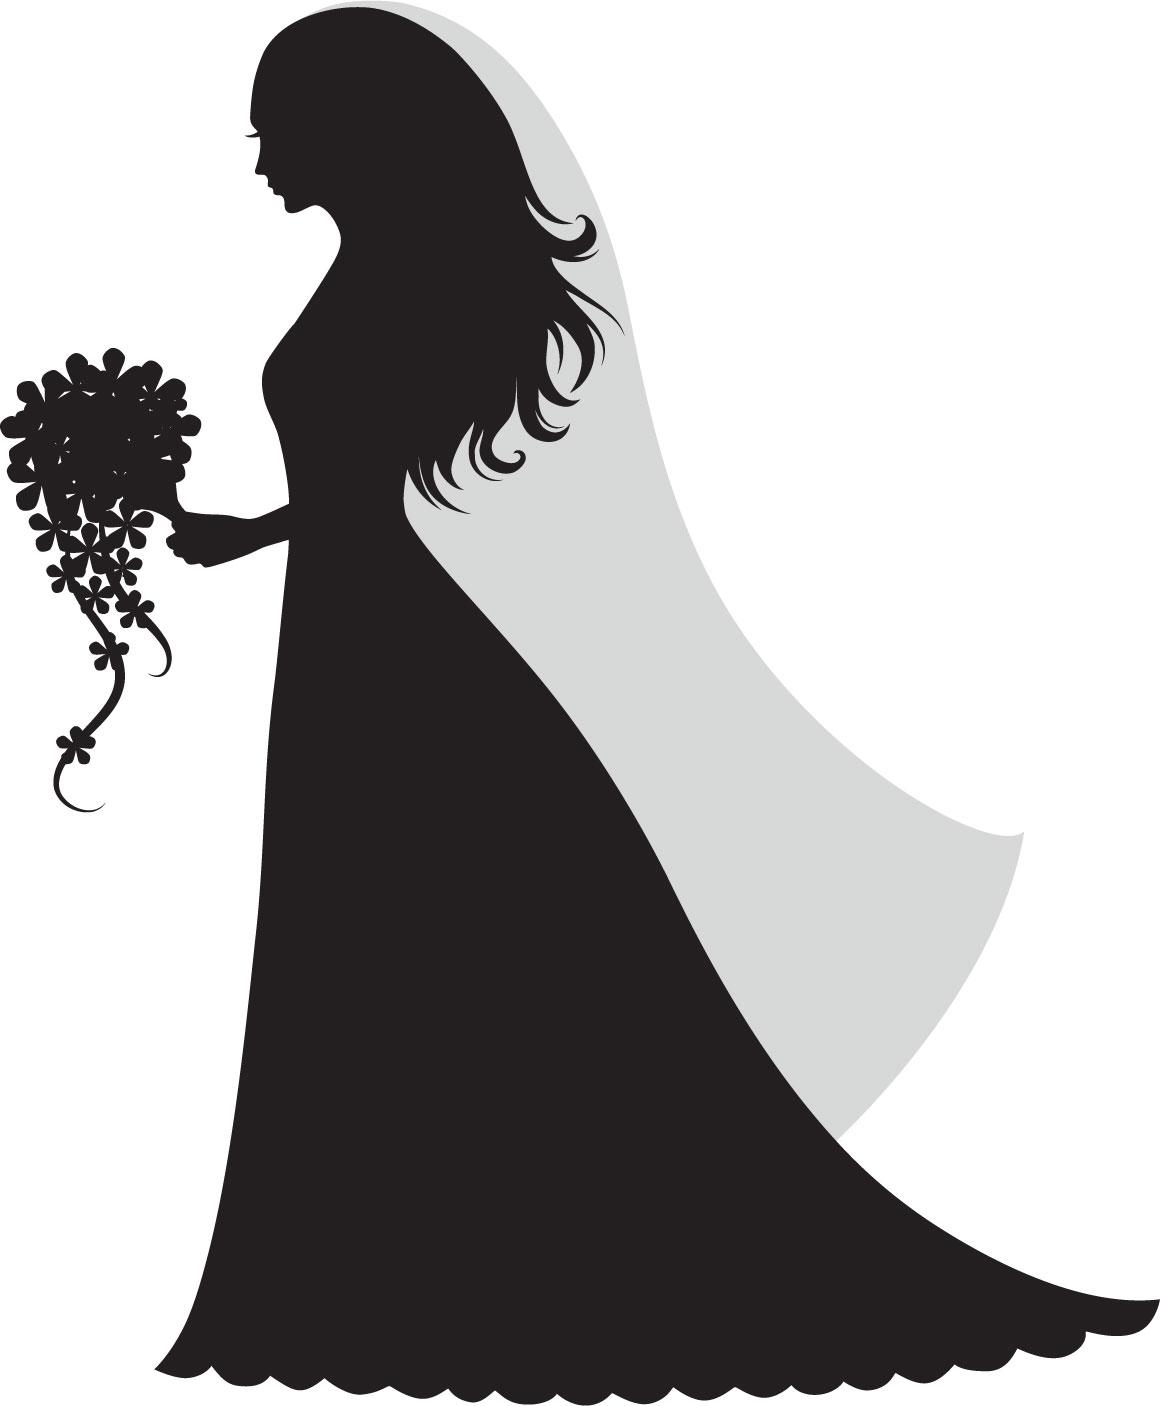 寄せ書きデザイン - イラスト素材「花嫁シルエット」